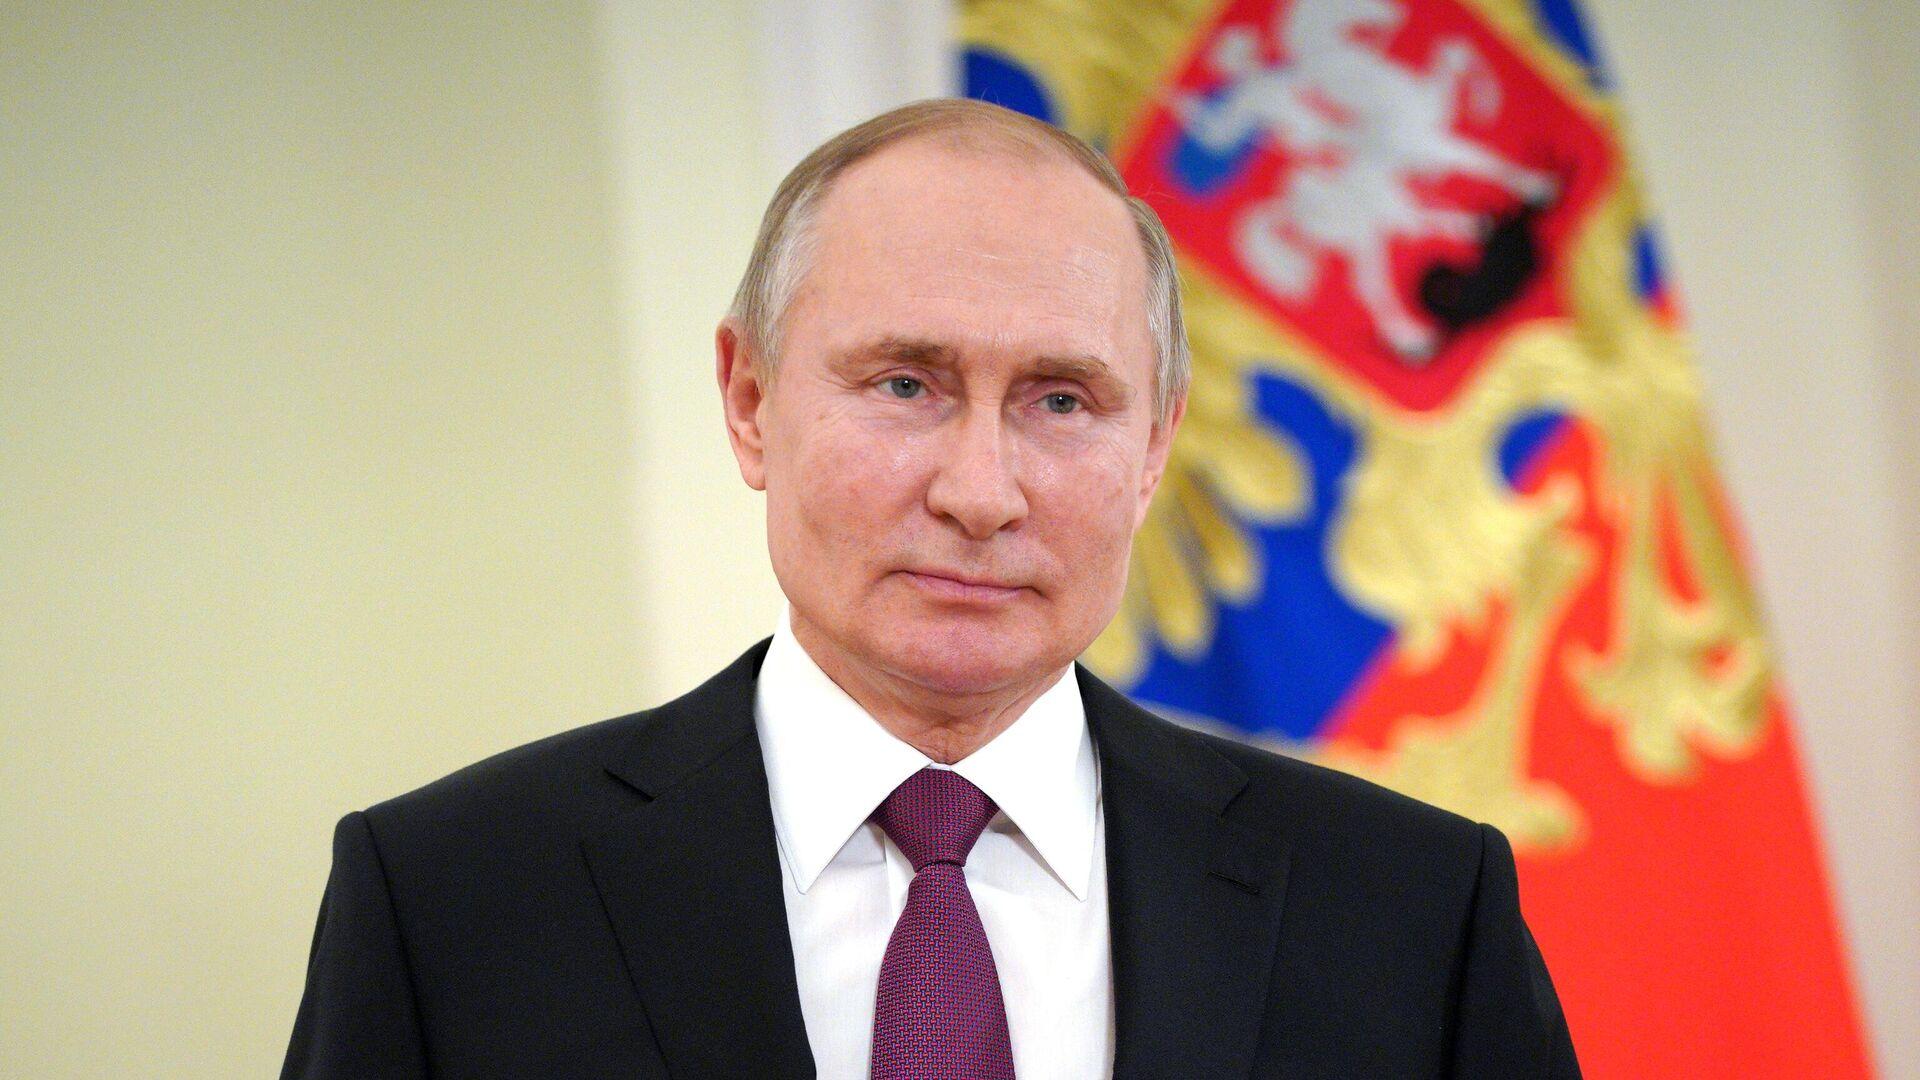 Сенатор рассказал об ожиданиях от послания Путина Федеральному собранию